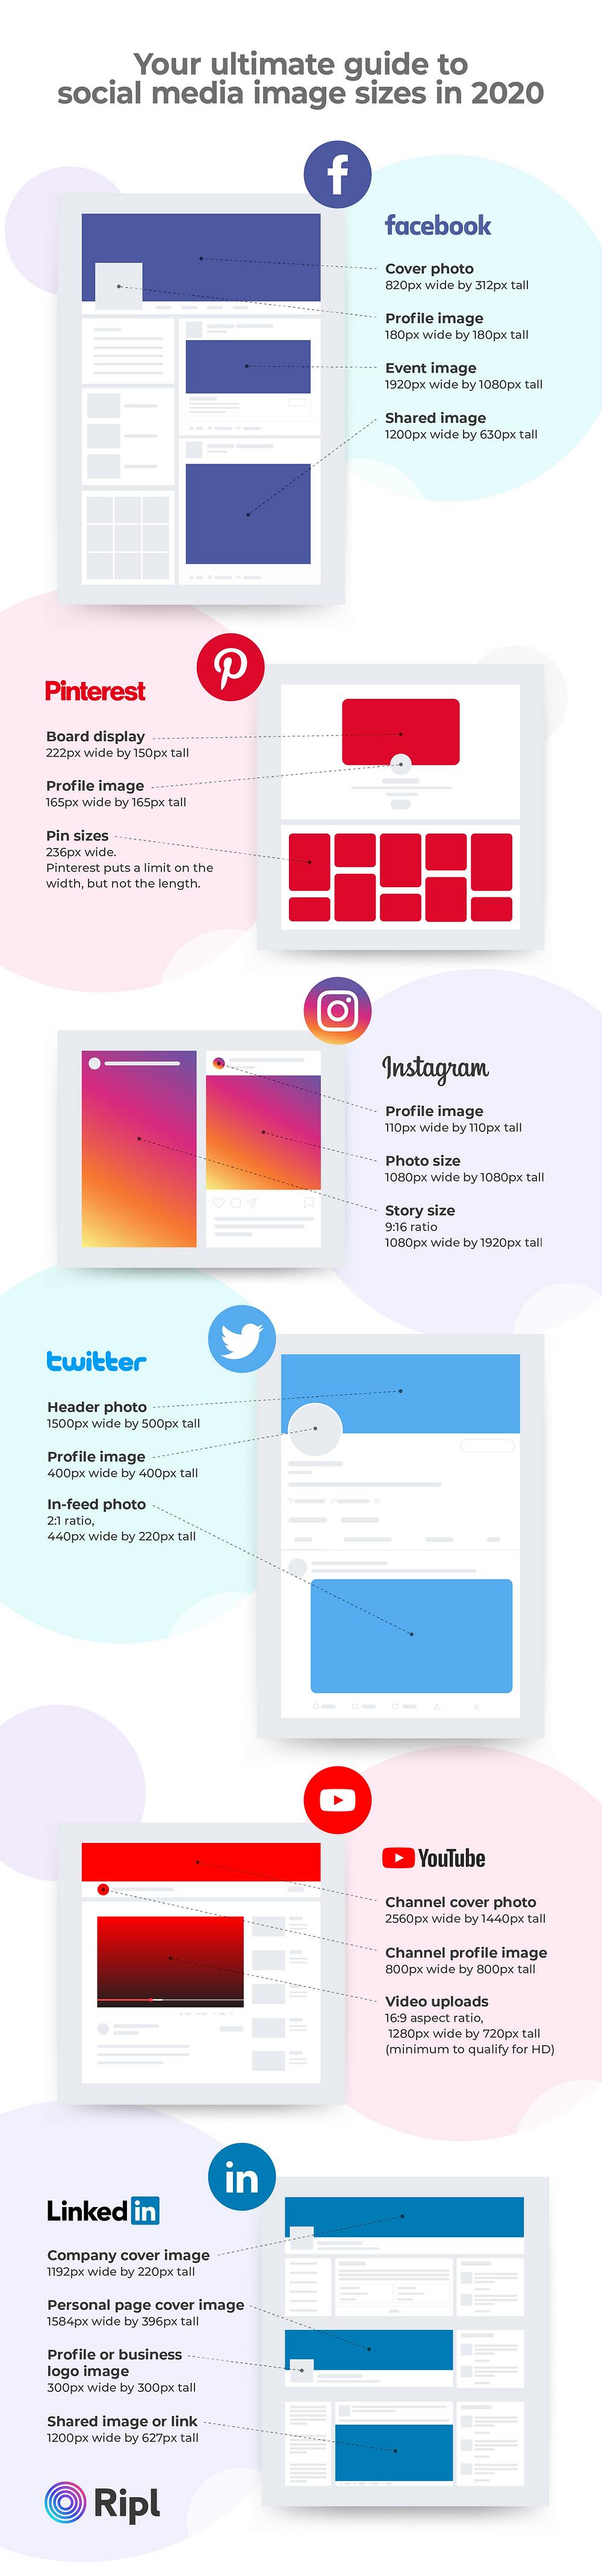 Ideal image sizes for social media: Facebook, Pinterest, Instagram, Twitter, YouTube, LinkedIn